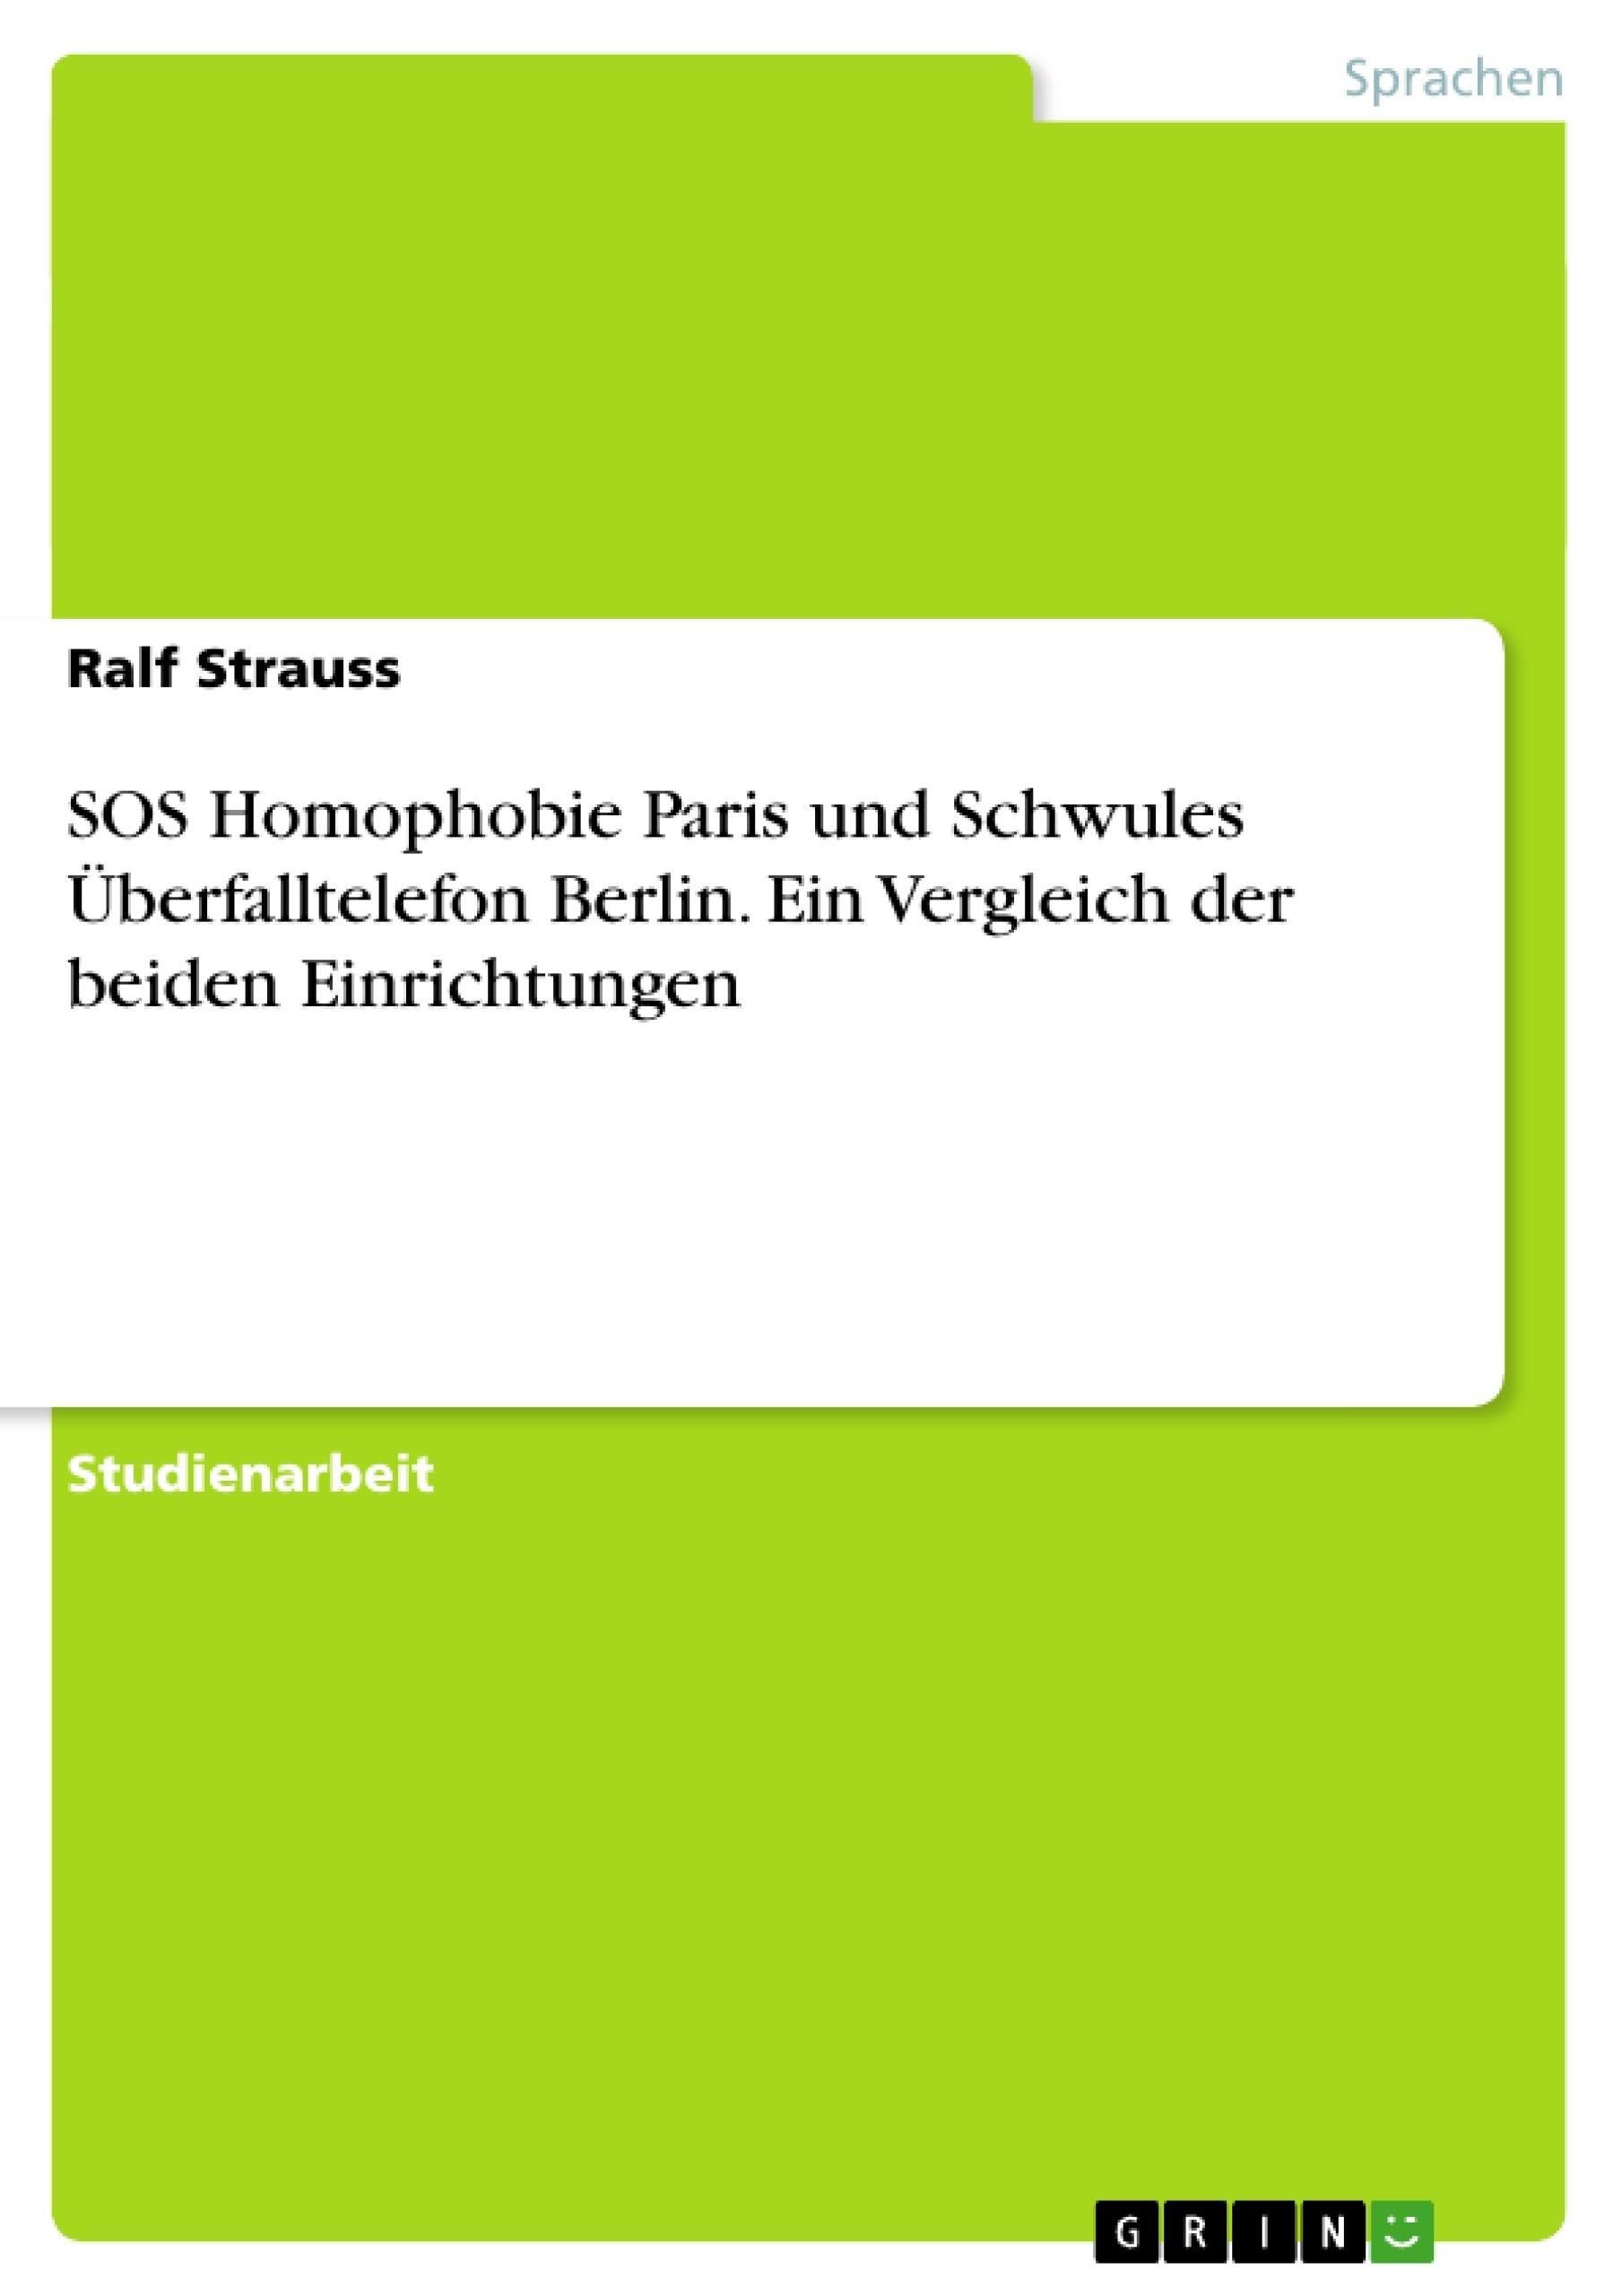 Titel: SOS Homophobie Paris und Schwules Überfalltelefon Berlin. Ein Vergleich der beiden Einrichtungen